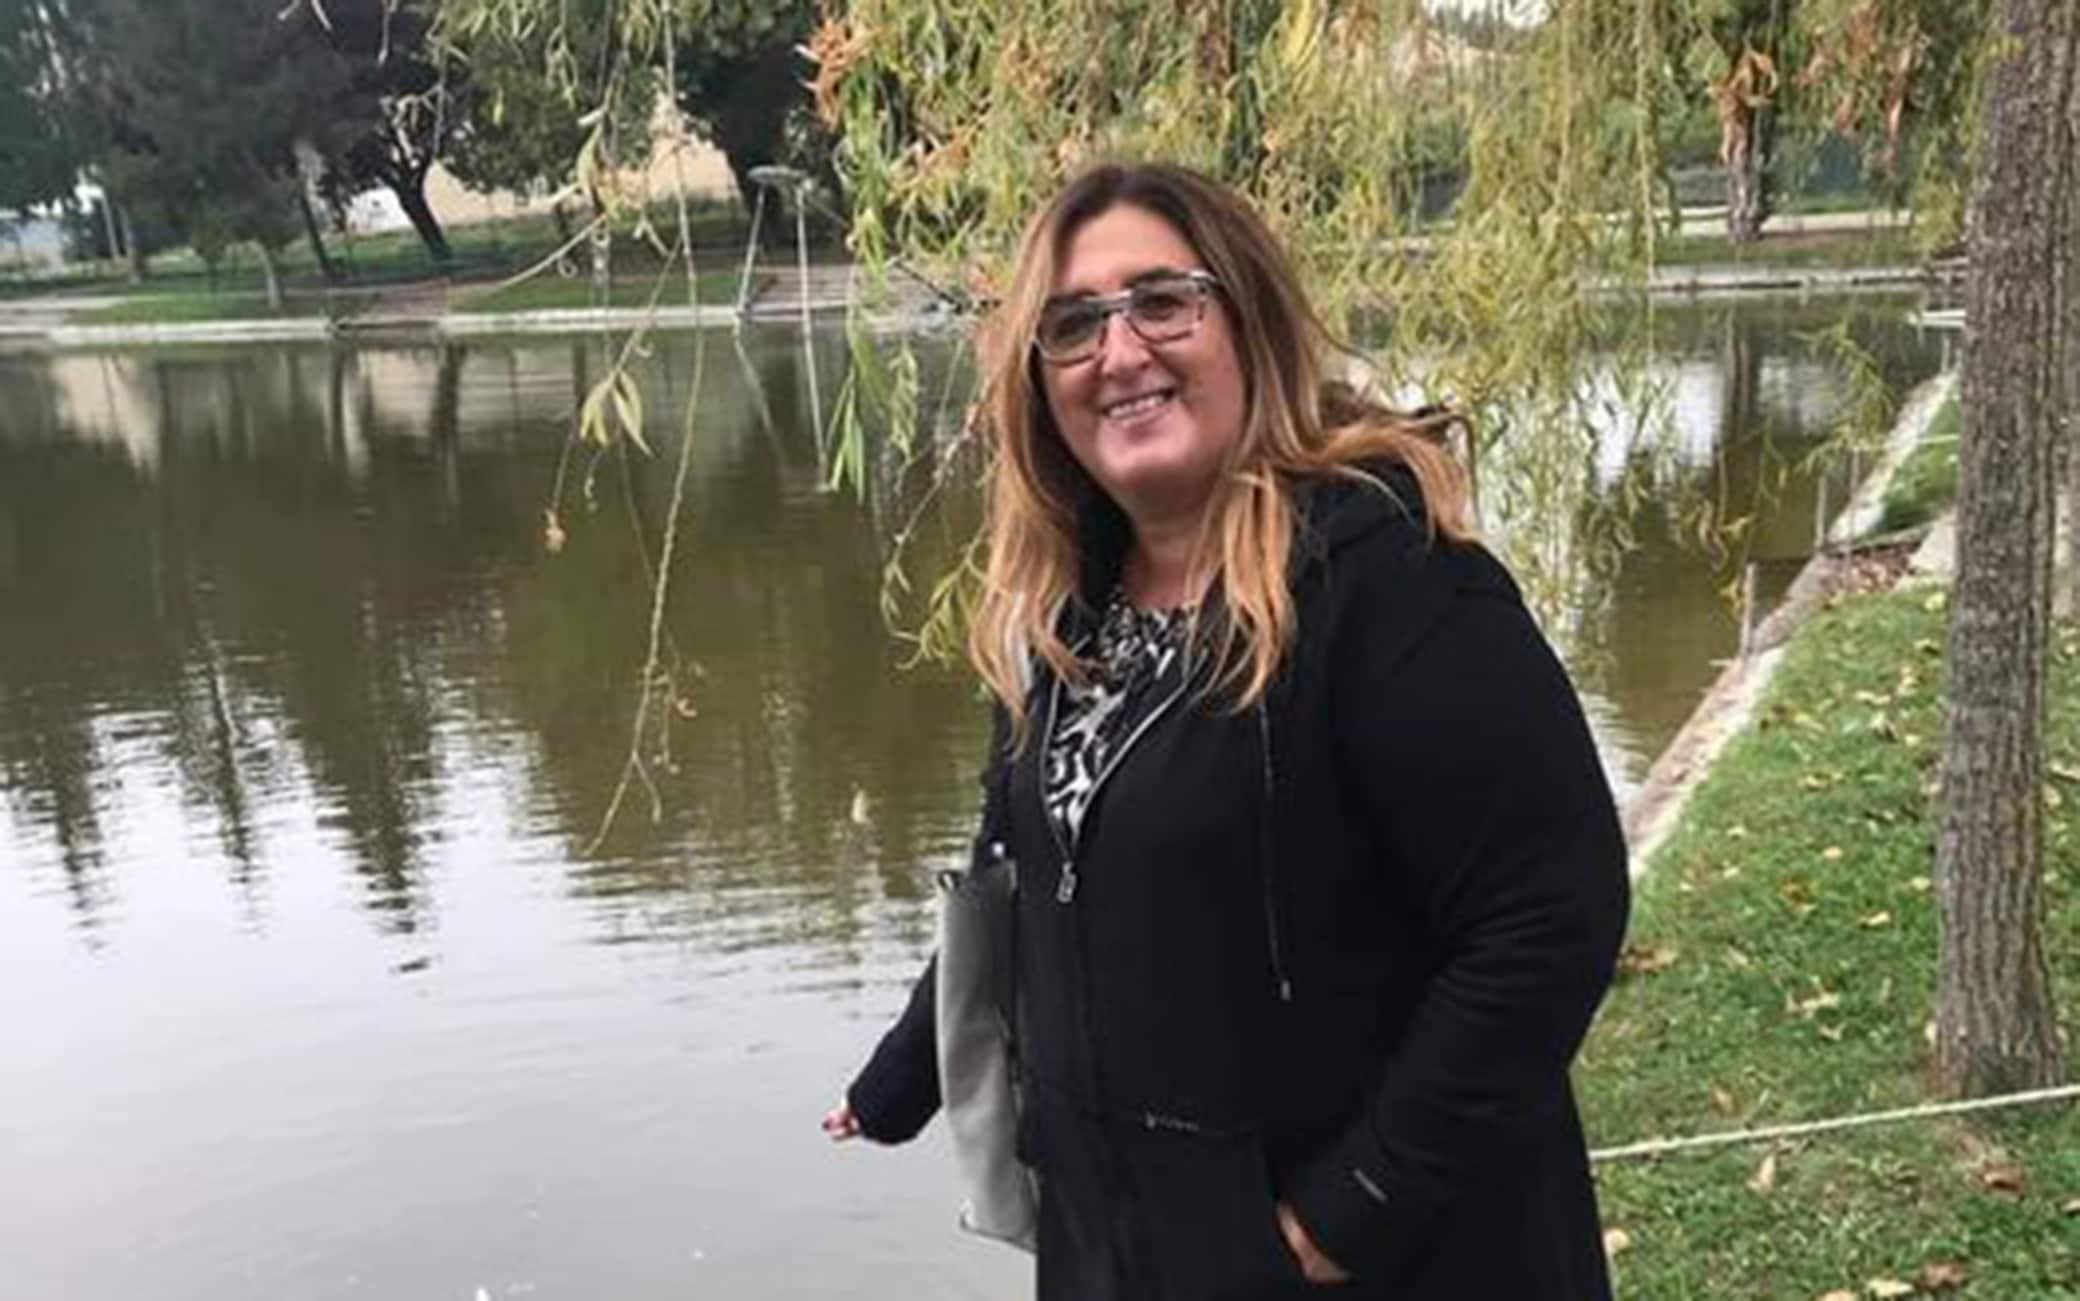 Acqui Terme, operatrice sanitaria di un reparto Covid muore a 53 anni